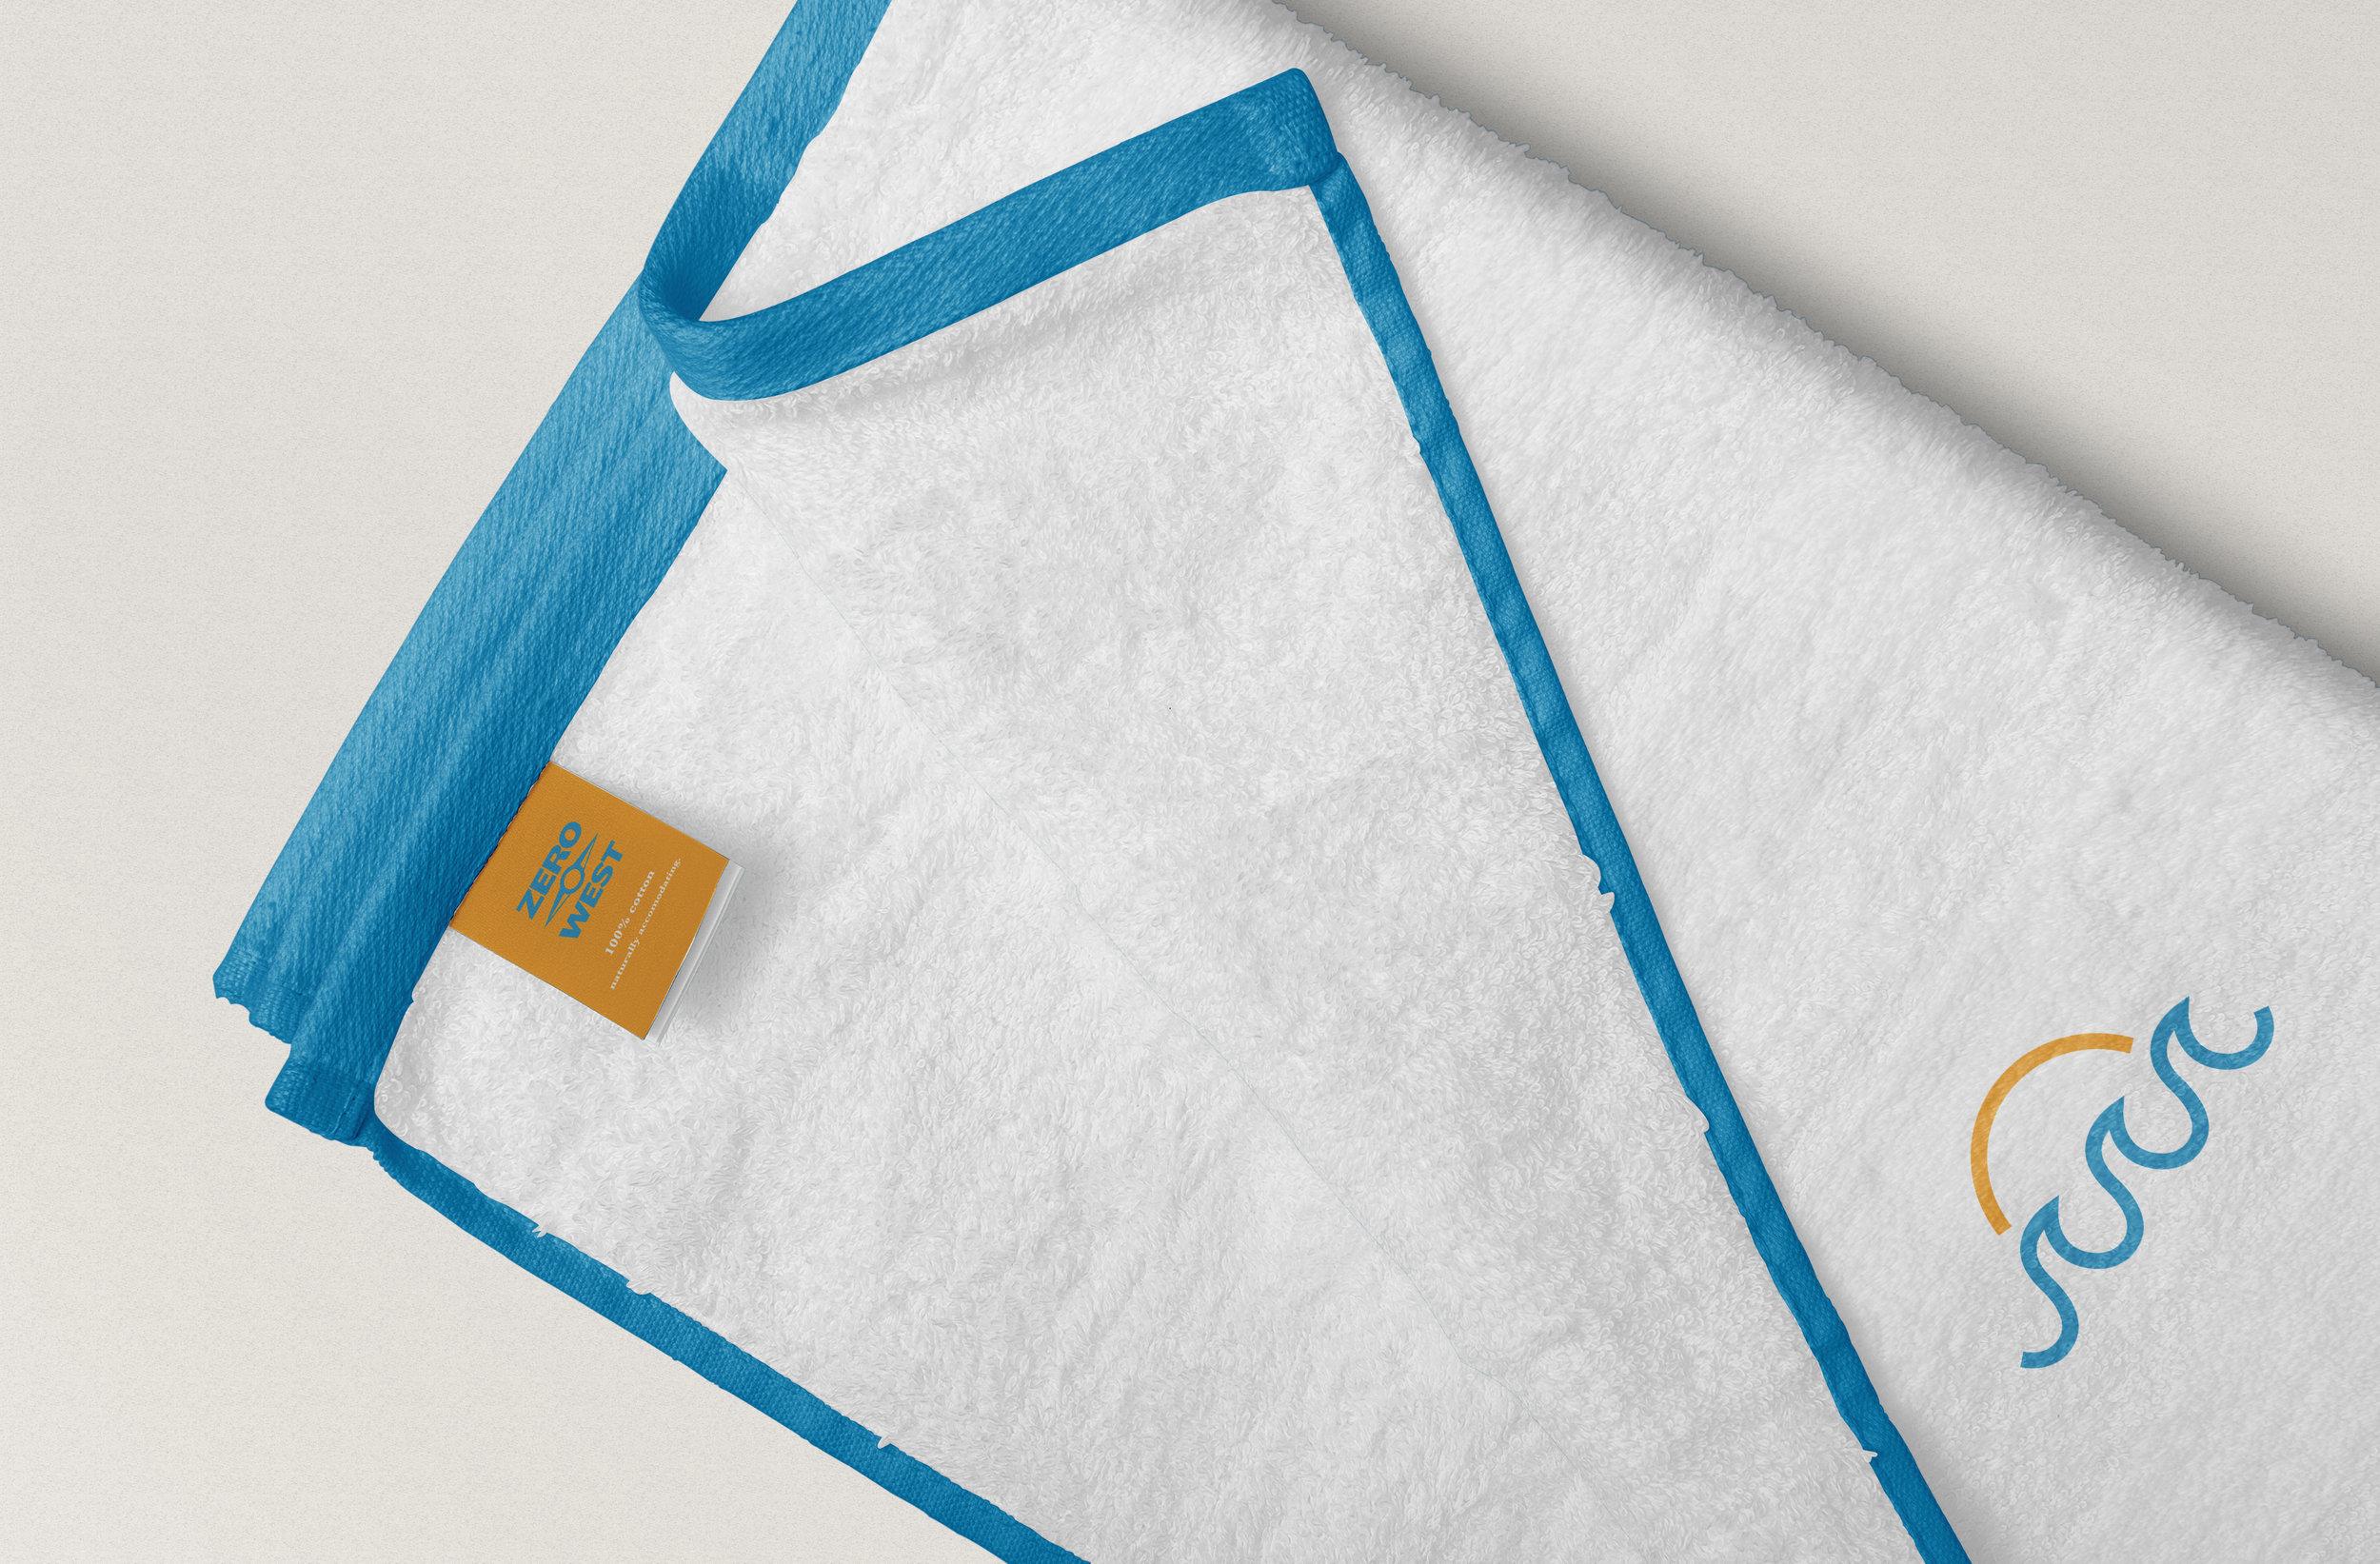 Zero West: Towel Design